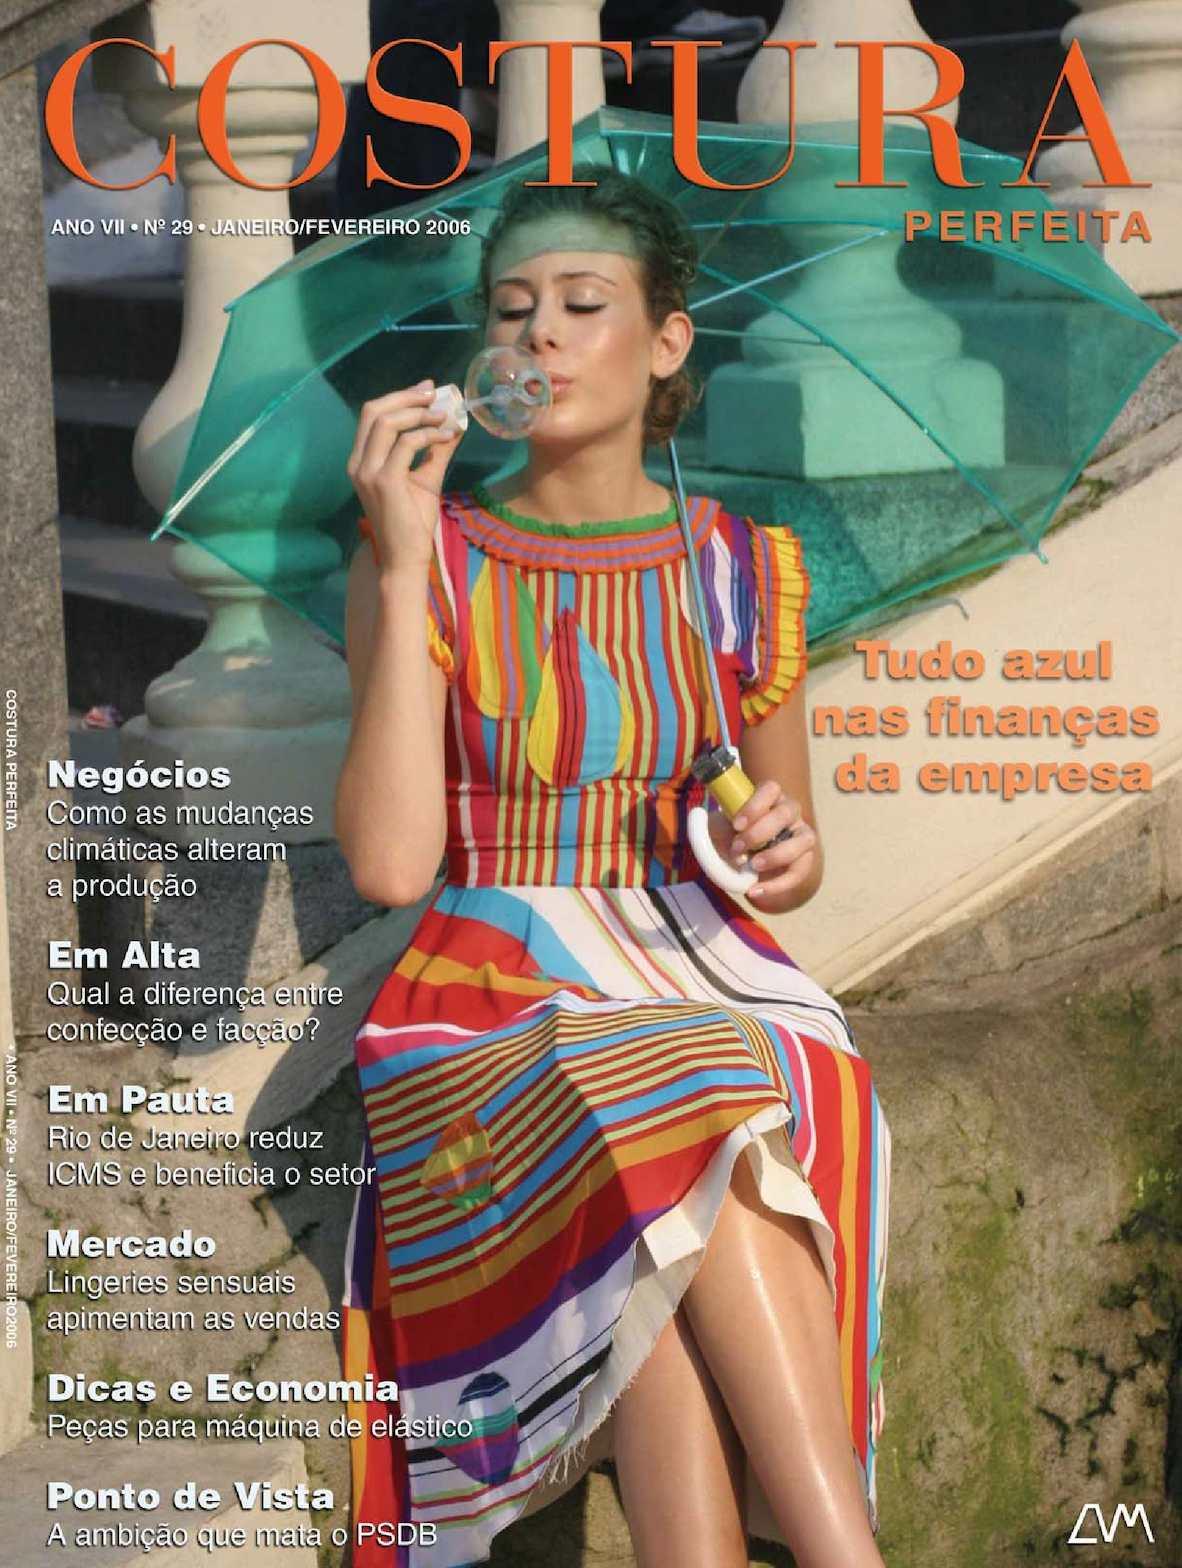 Calaméo - Revista Costura Perfeita Edição Ano Vii N29 Janeiro Fevereiro 2006 0fd90064b8f